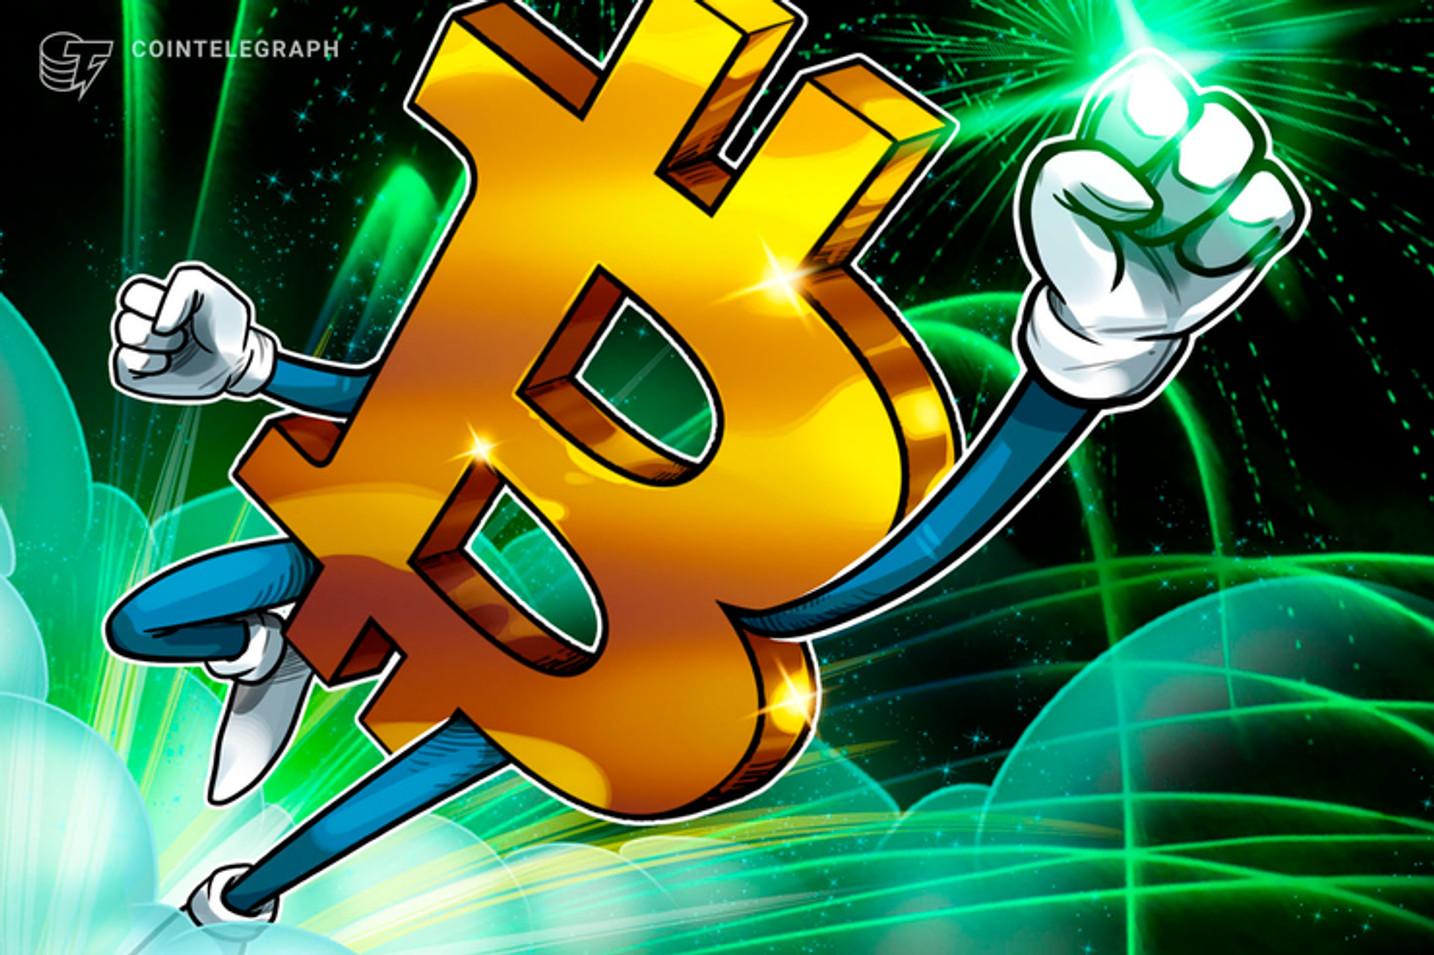 El rápido crecimiento de la potencia minera de Bitcoin indica una gran confianza en el activo digital